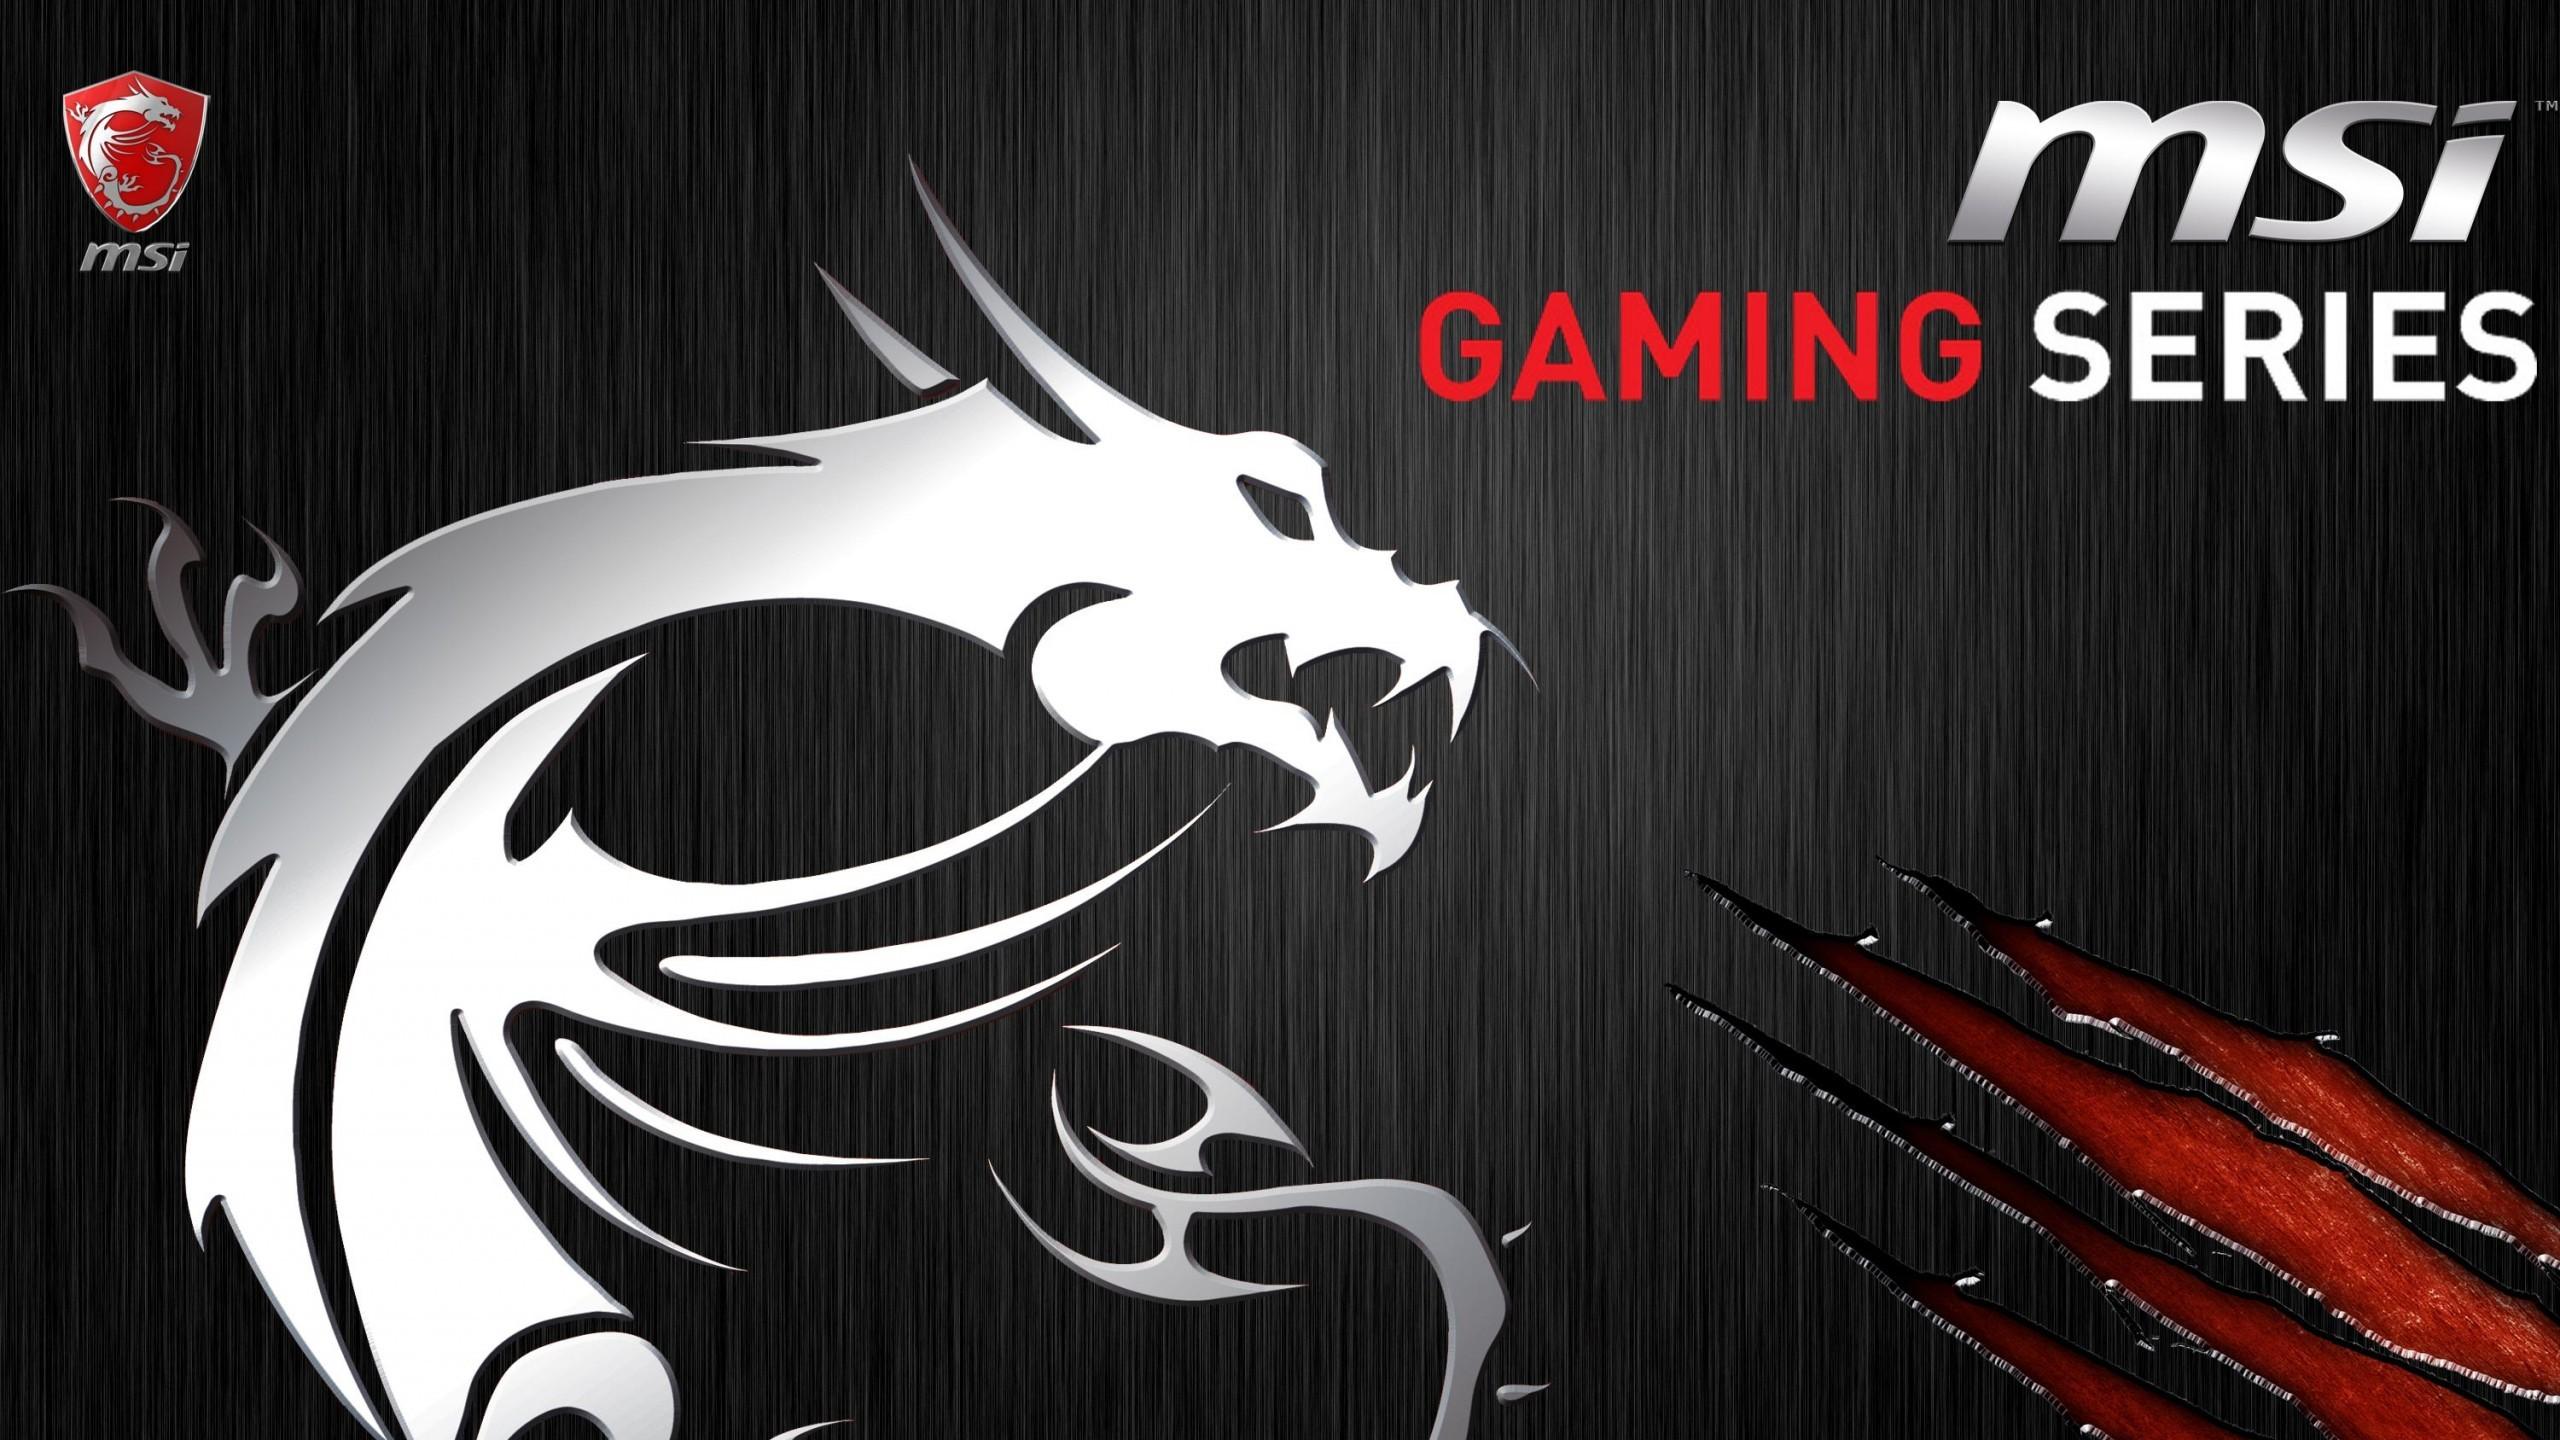 Msi gaming Wallpaper – 2560×1440